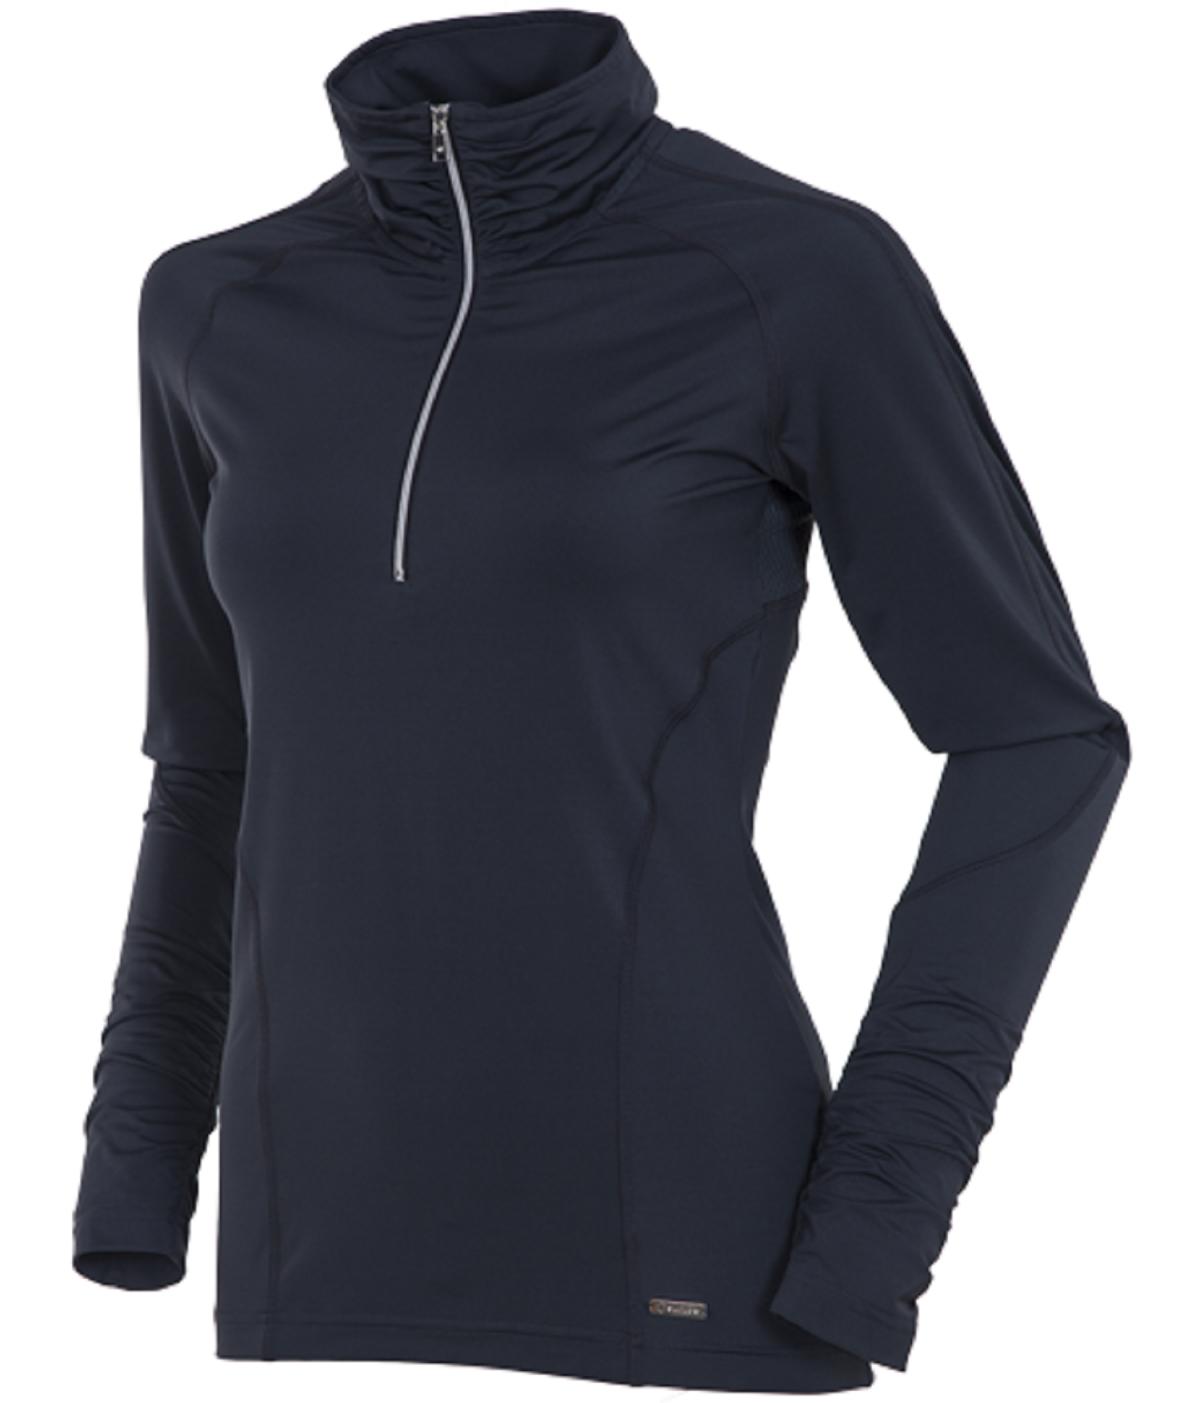 Sunice Womens Eva 1 2 Zip Pullover From Golfskipin Golf Outfits Women Womens Running Jacket Golf Outfit